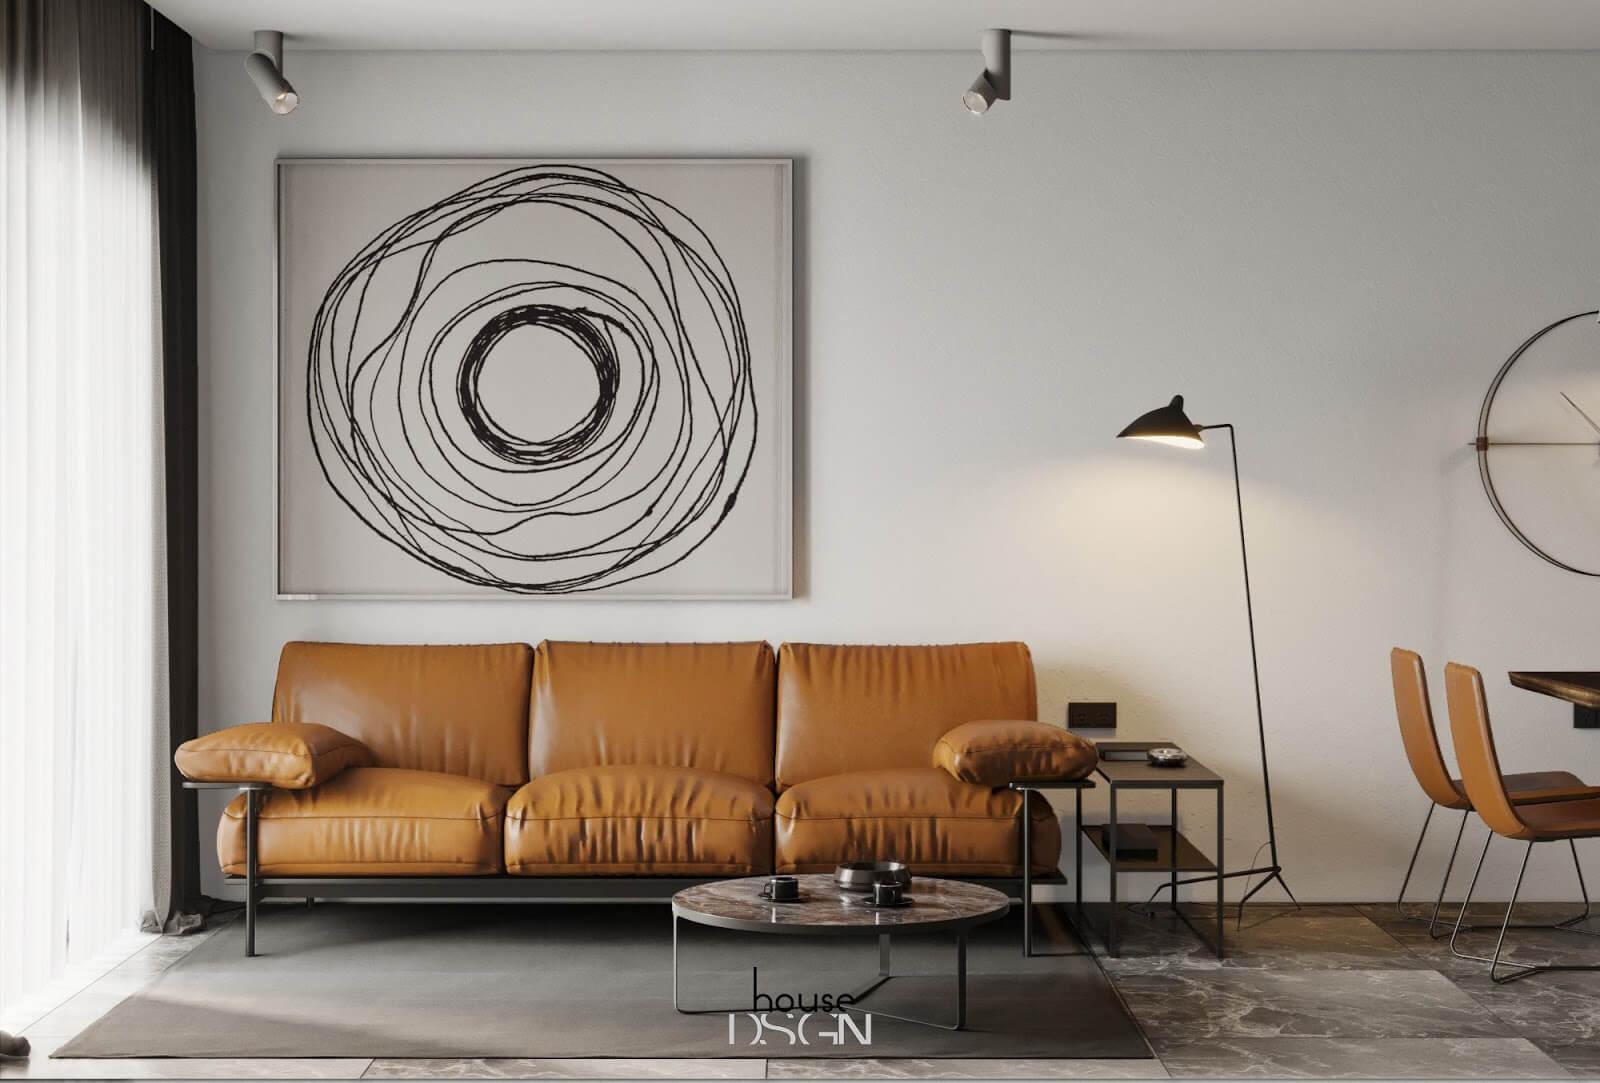 mẫu phong cách thiết kế nội thất urban